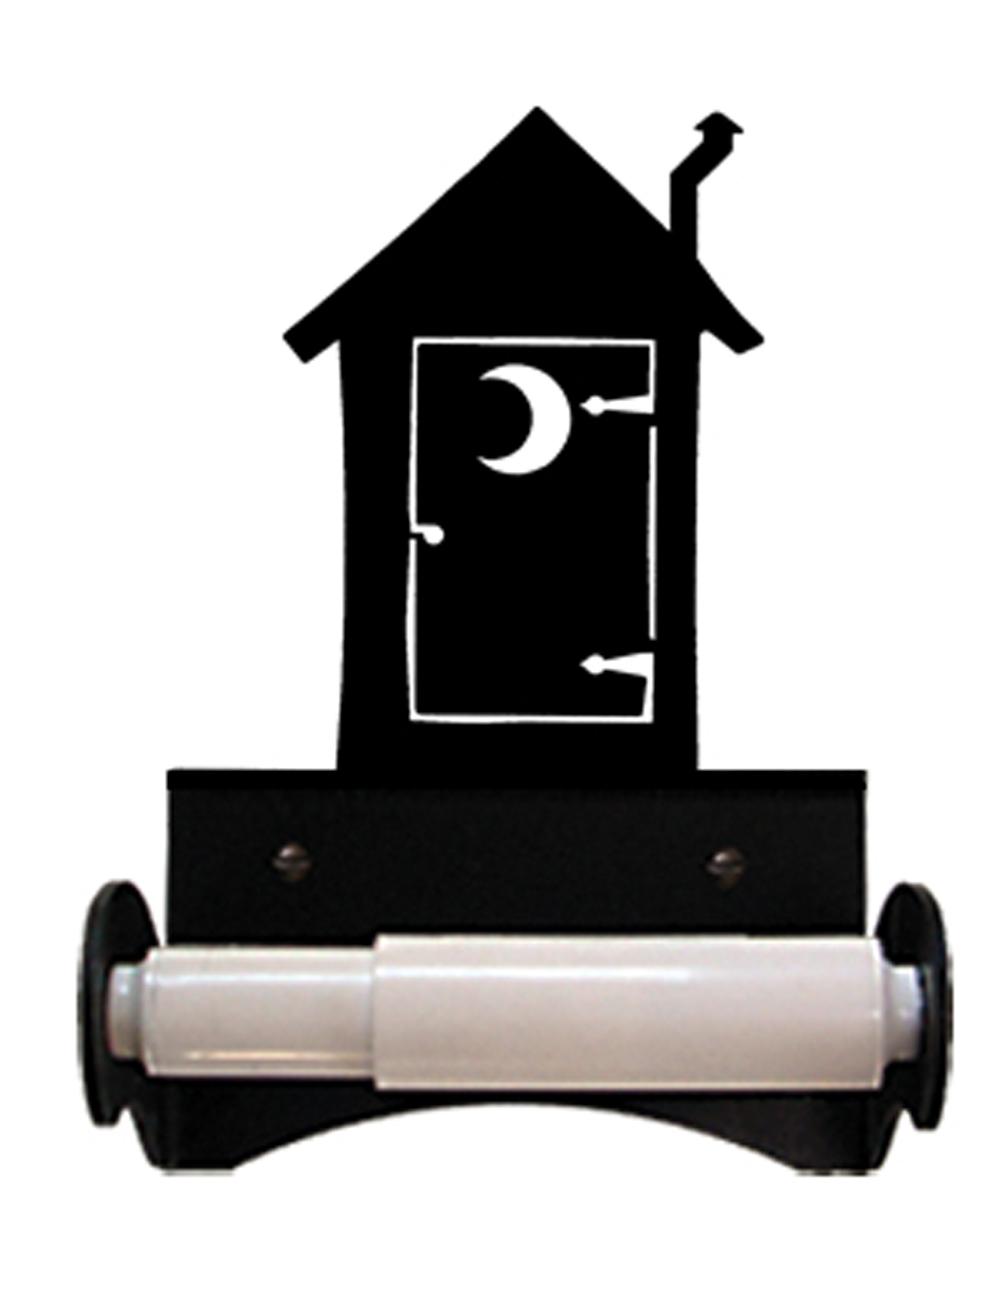 Outhouse - Toilet Tissue Holder